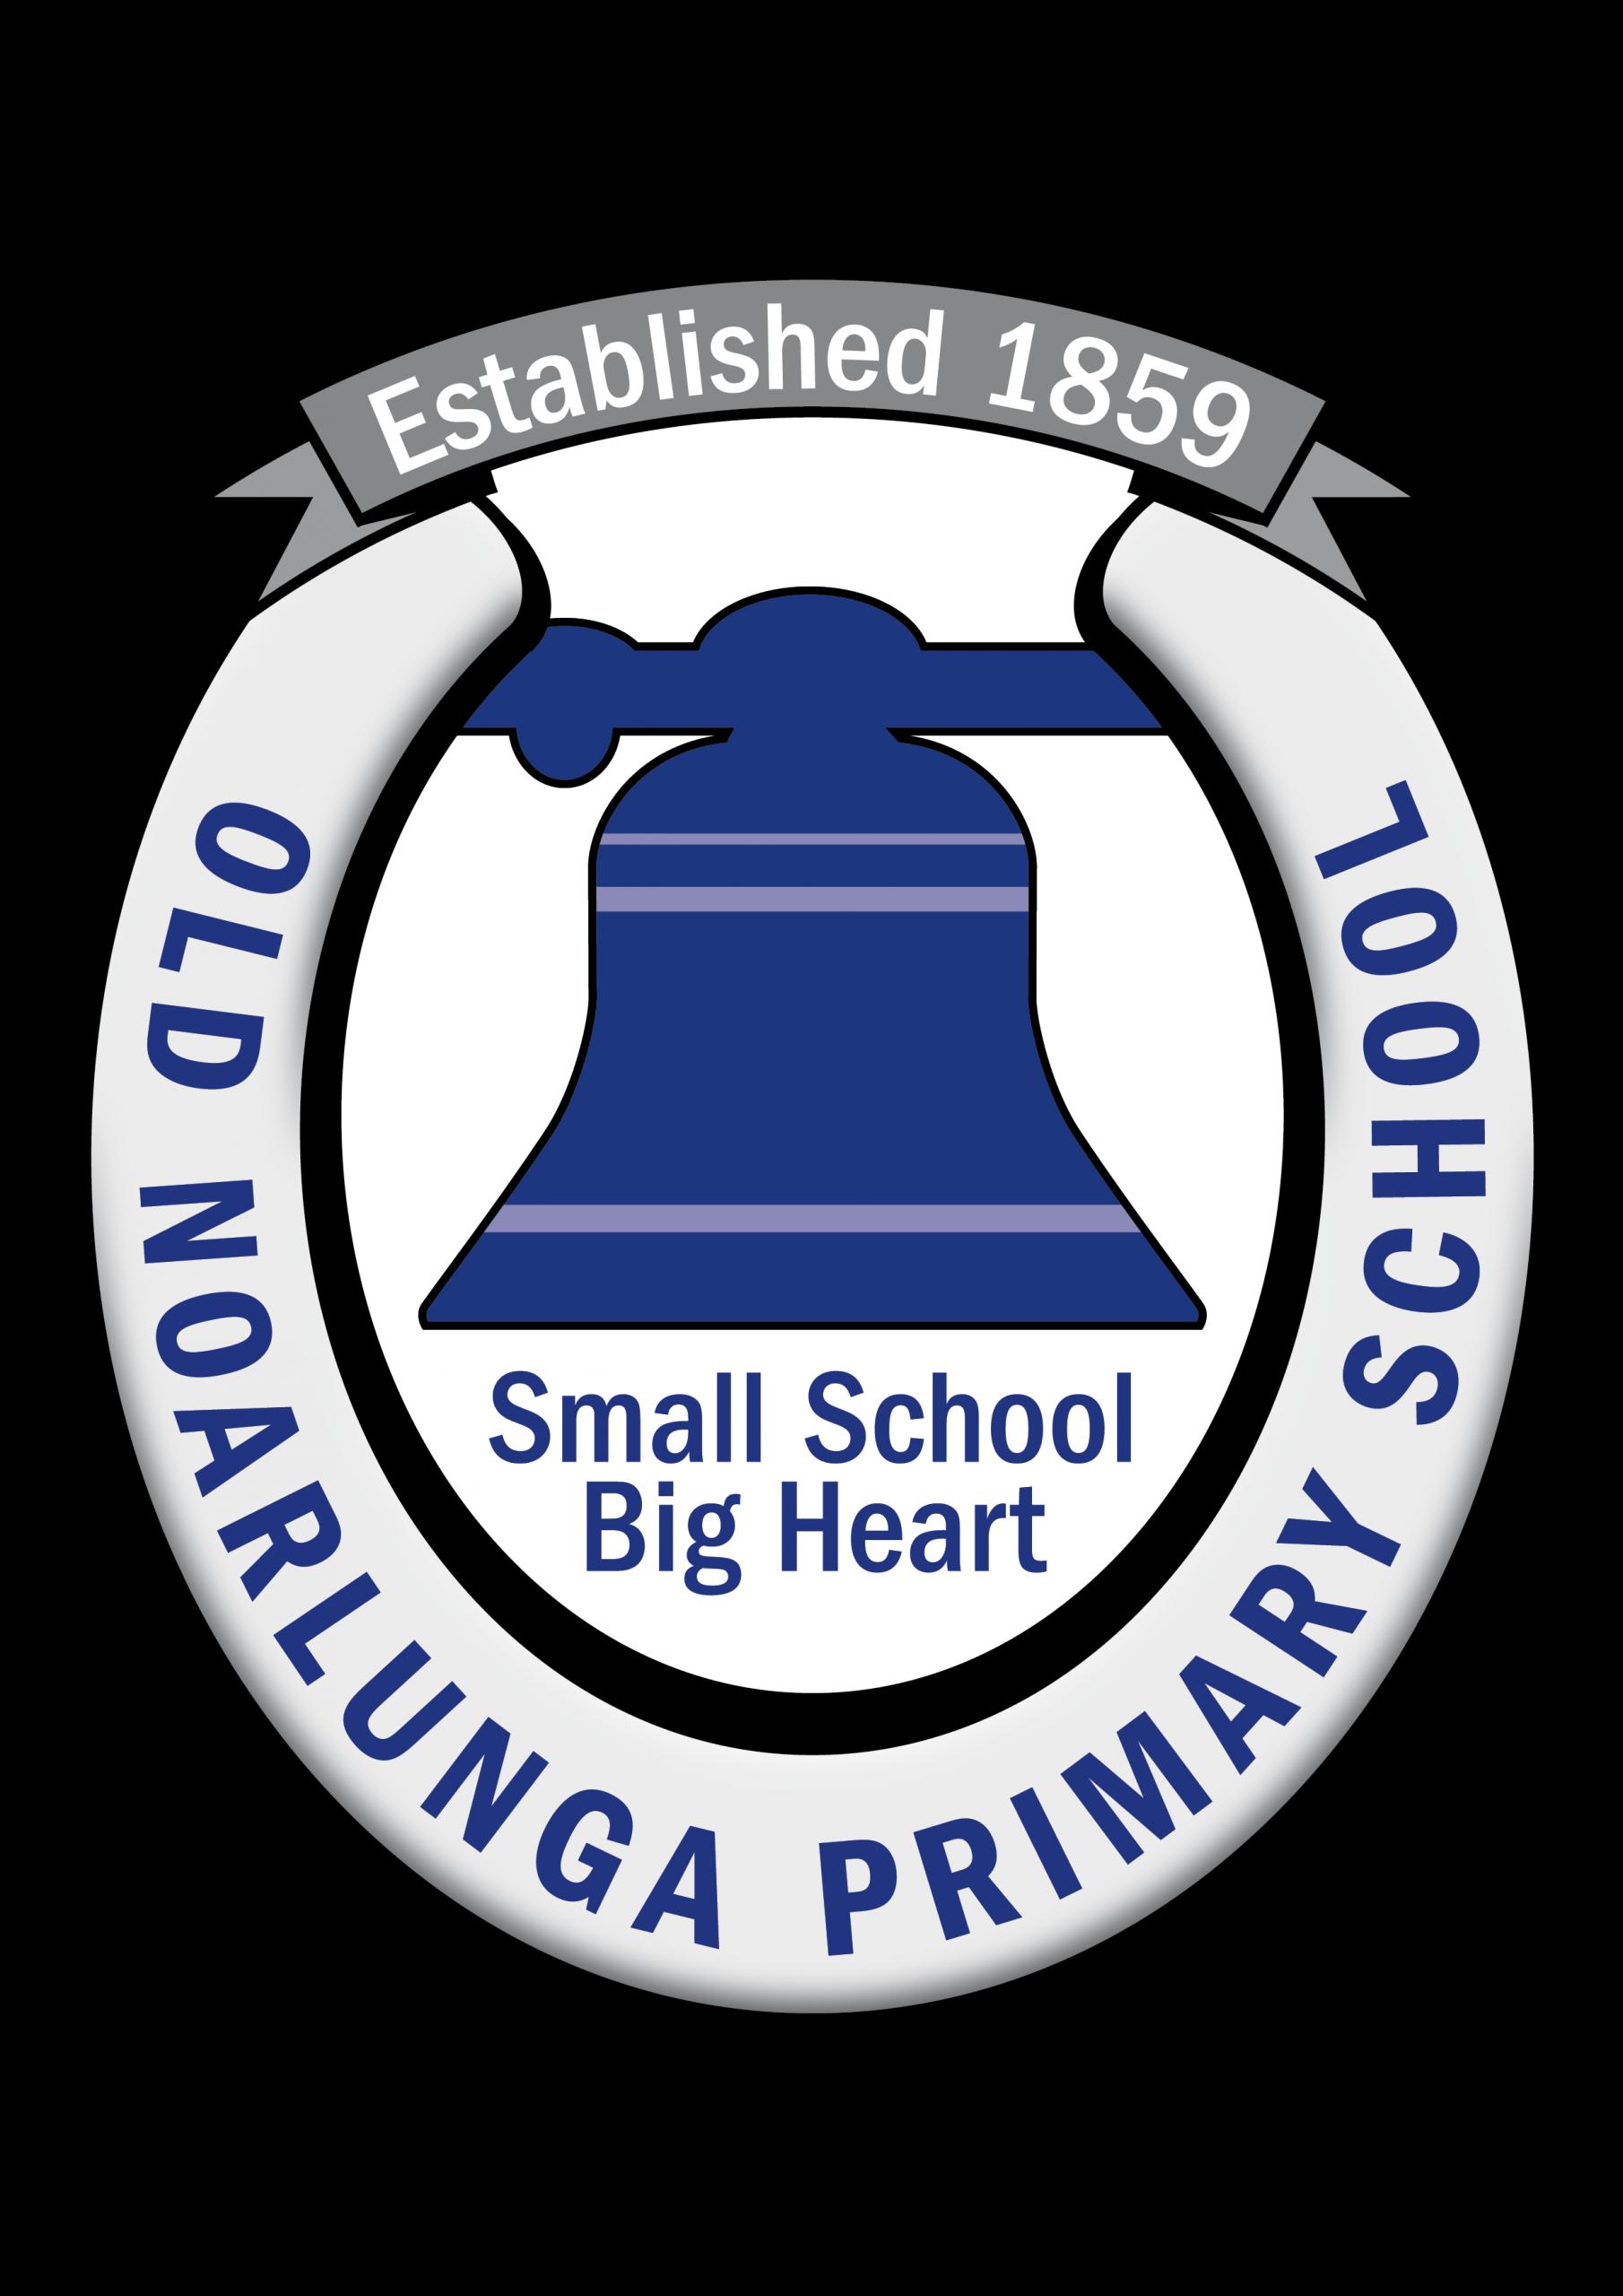 Old Noarlunga Primary School